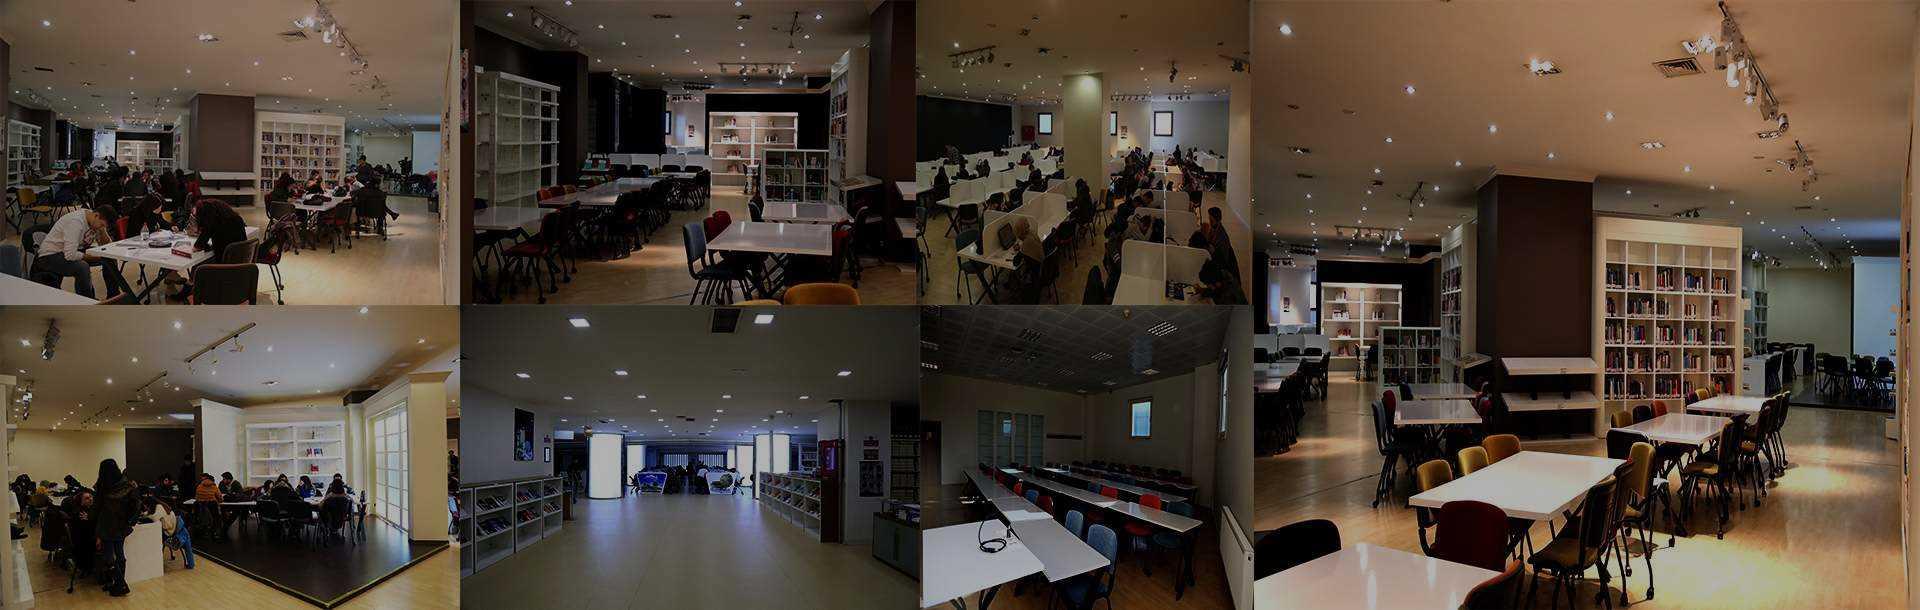 Istanbul Gelişim University Libraries